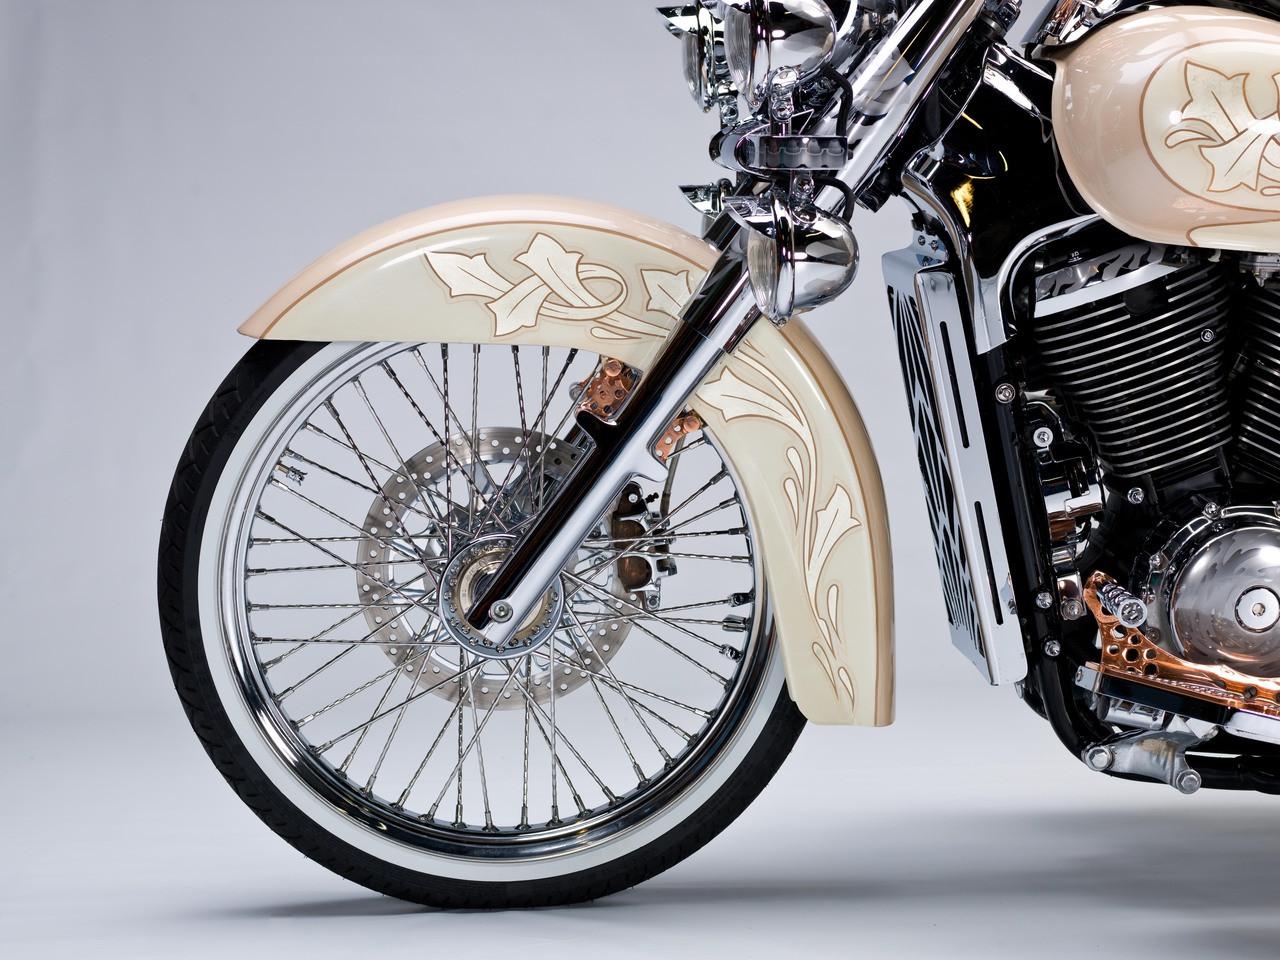 Blacksmith 21 inch front spoke wheel conversion Suzuki C50, Voluisa, VL800